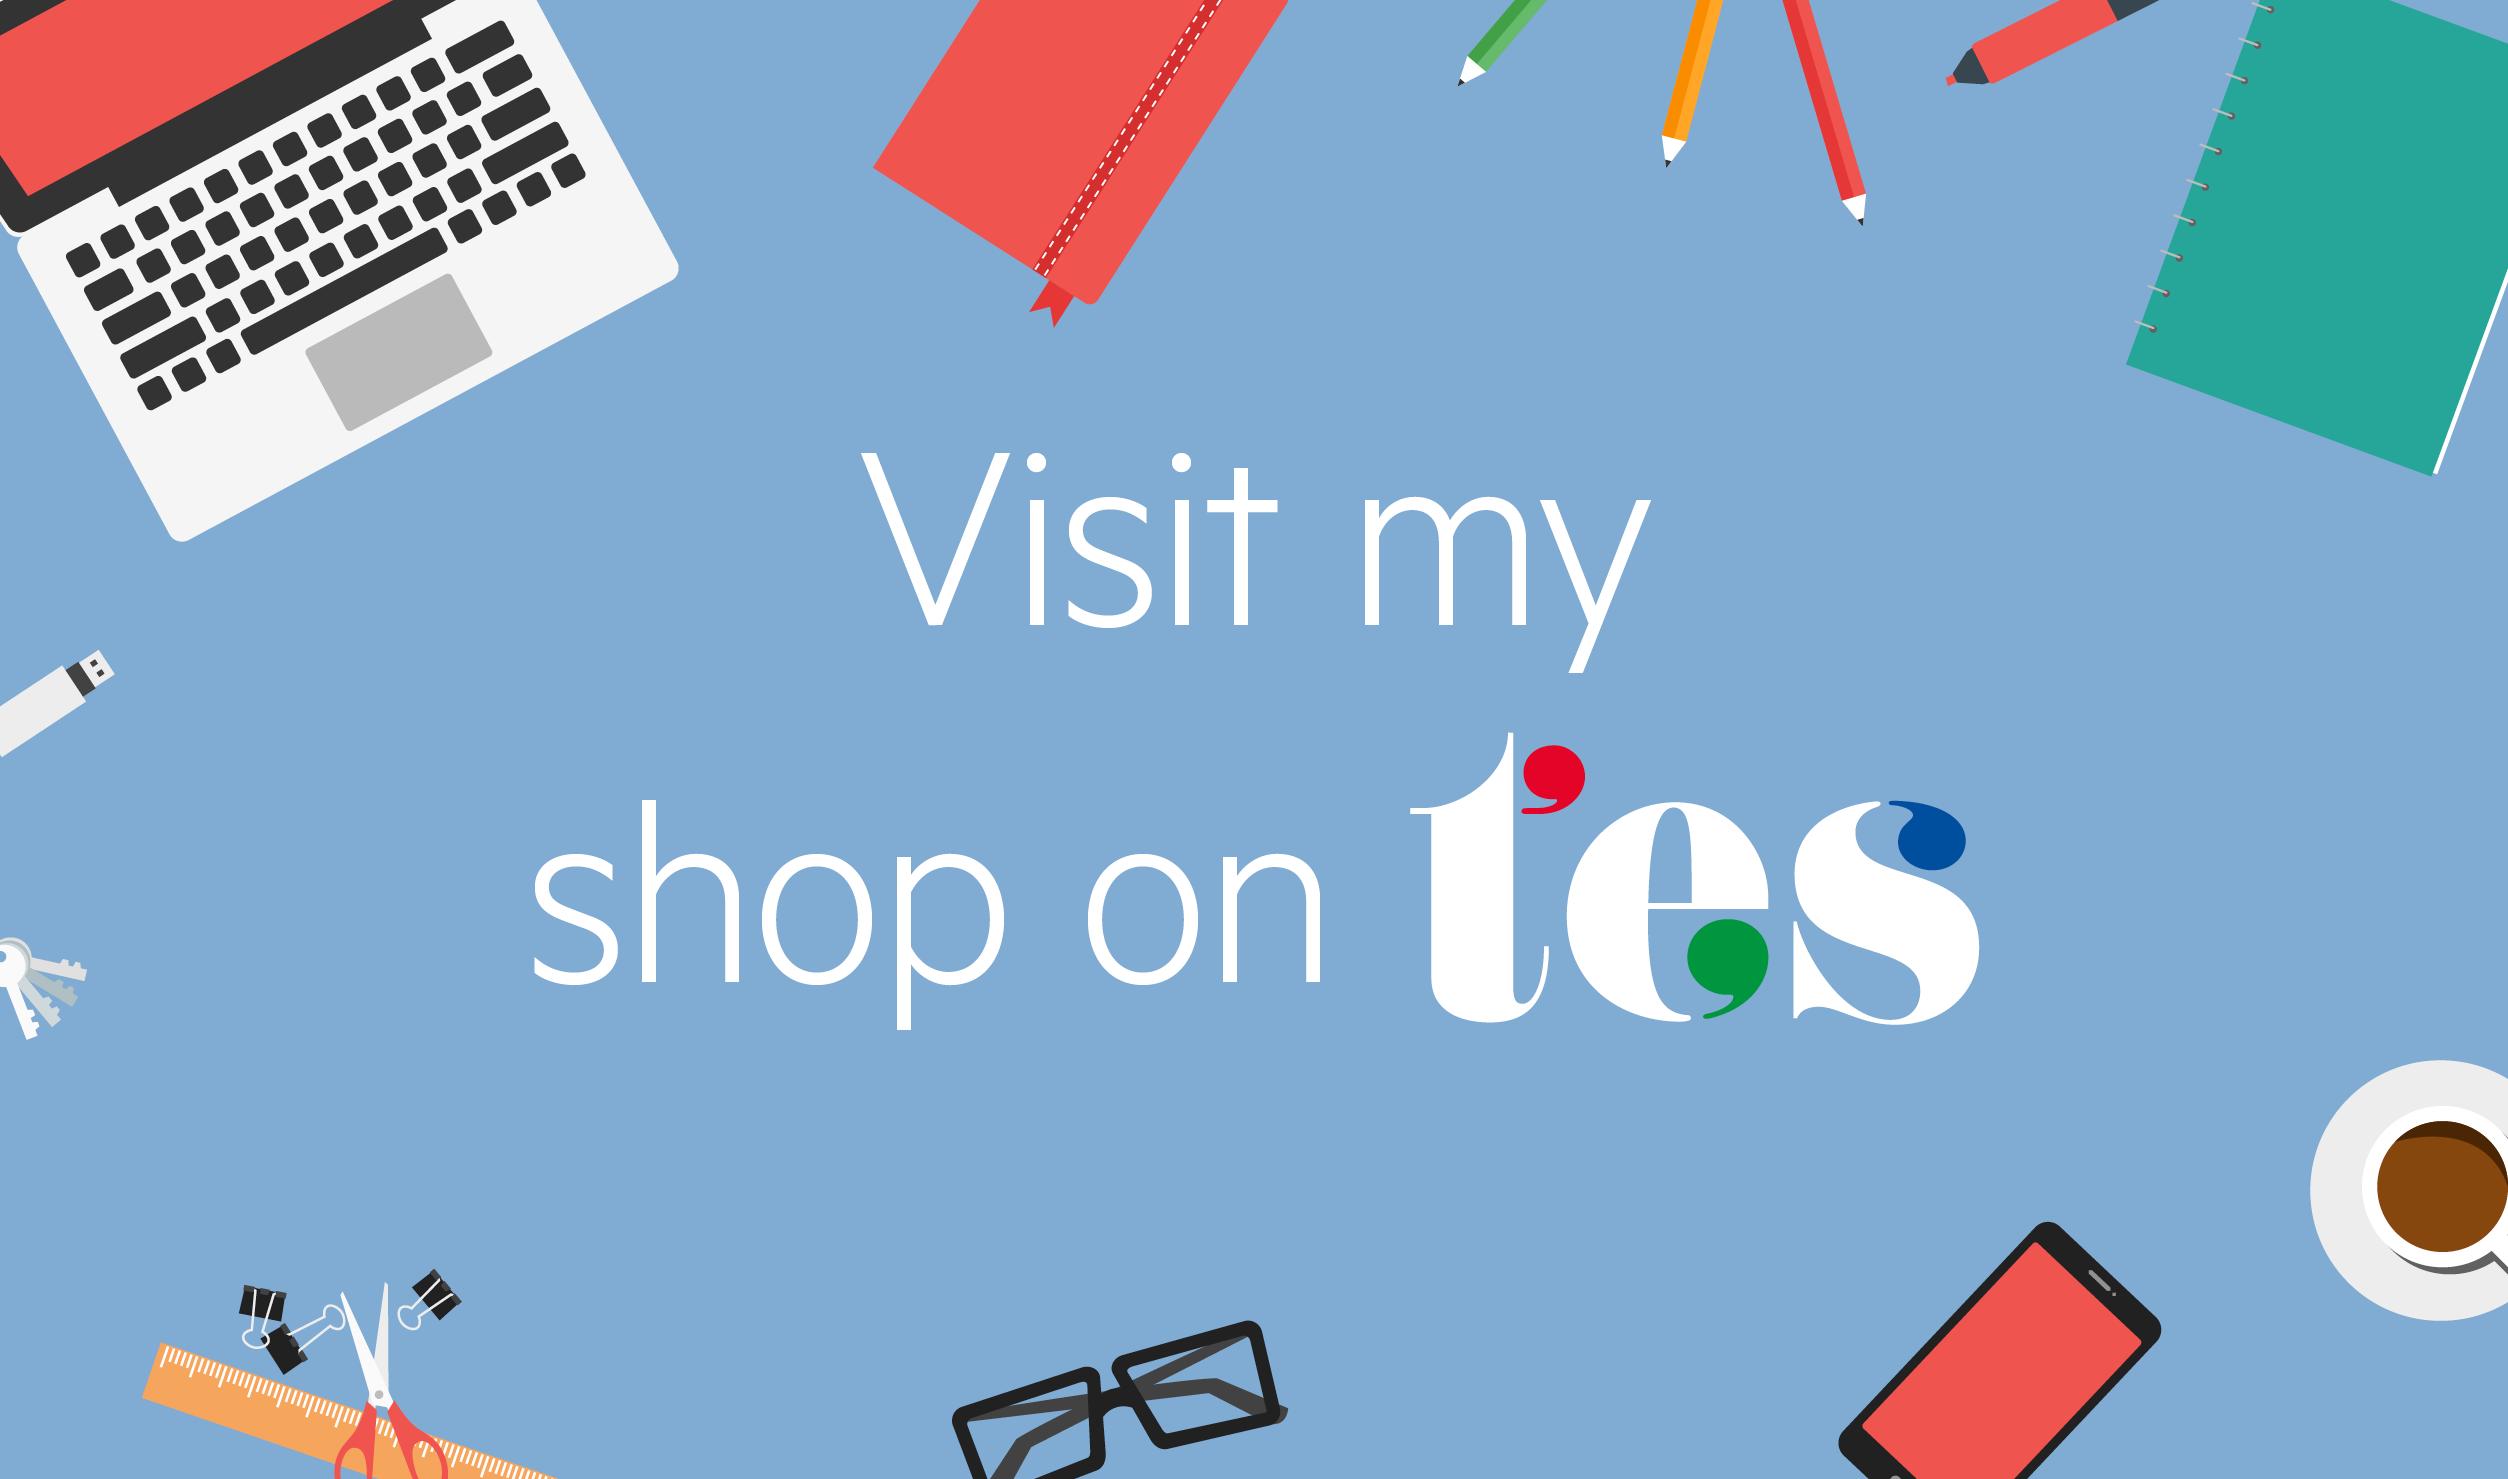 Tes Shop